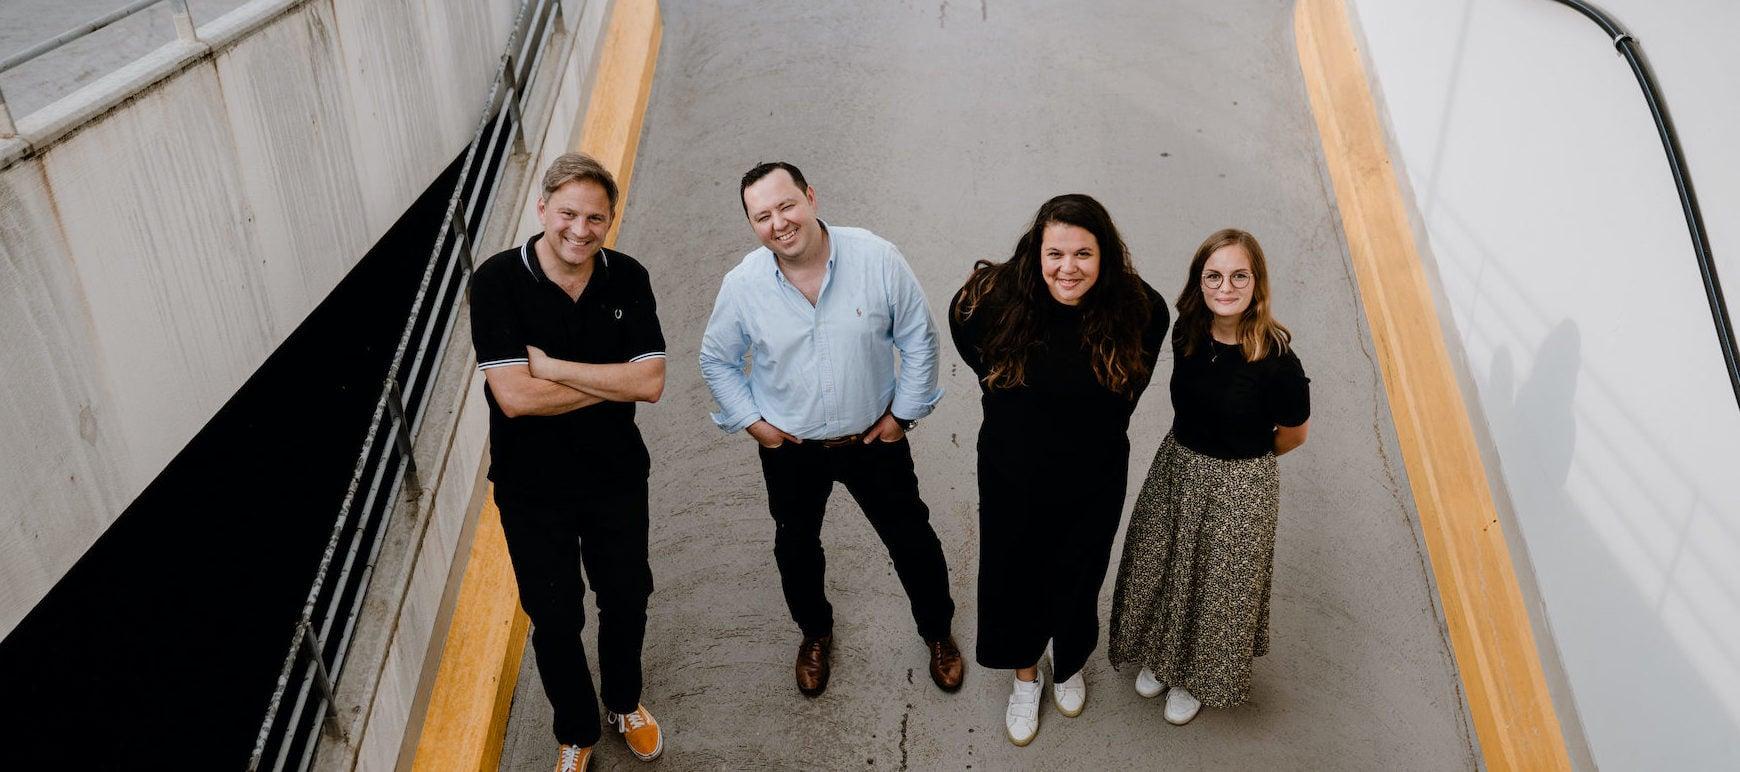 Das Team von funkyGERMANY (von links nach rechts): Ralf Johnen, Scott Crouch, Jennifer Latuperisa-Andresen und Linda Ruckes